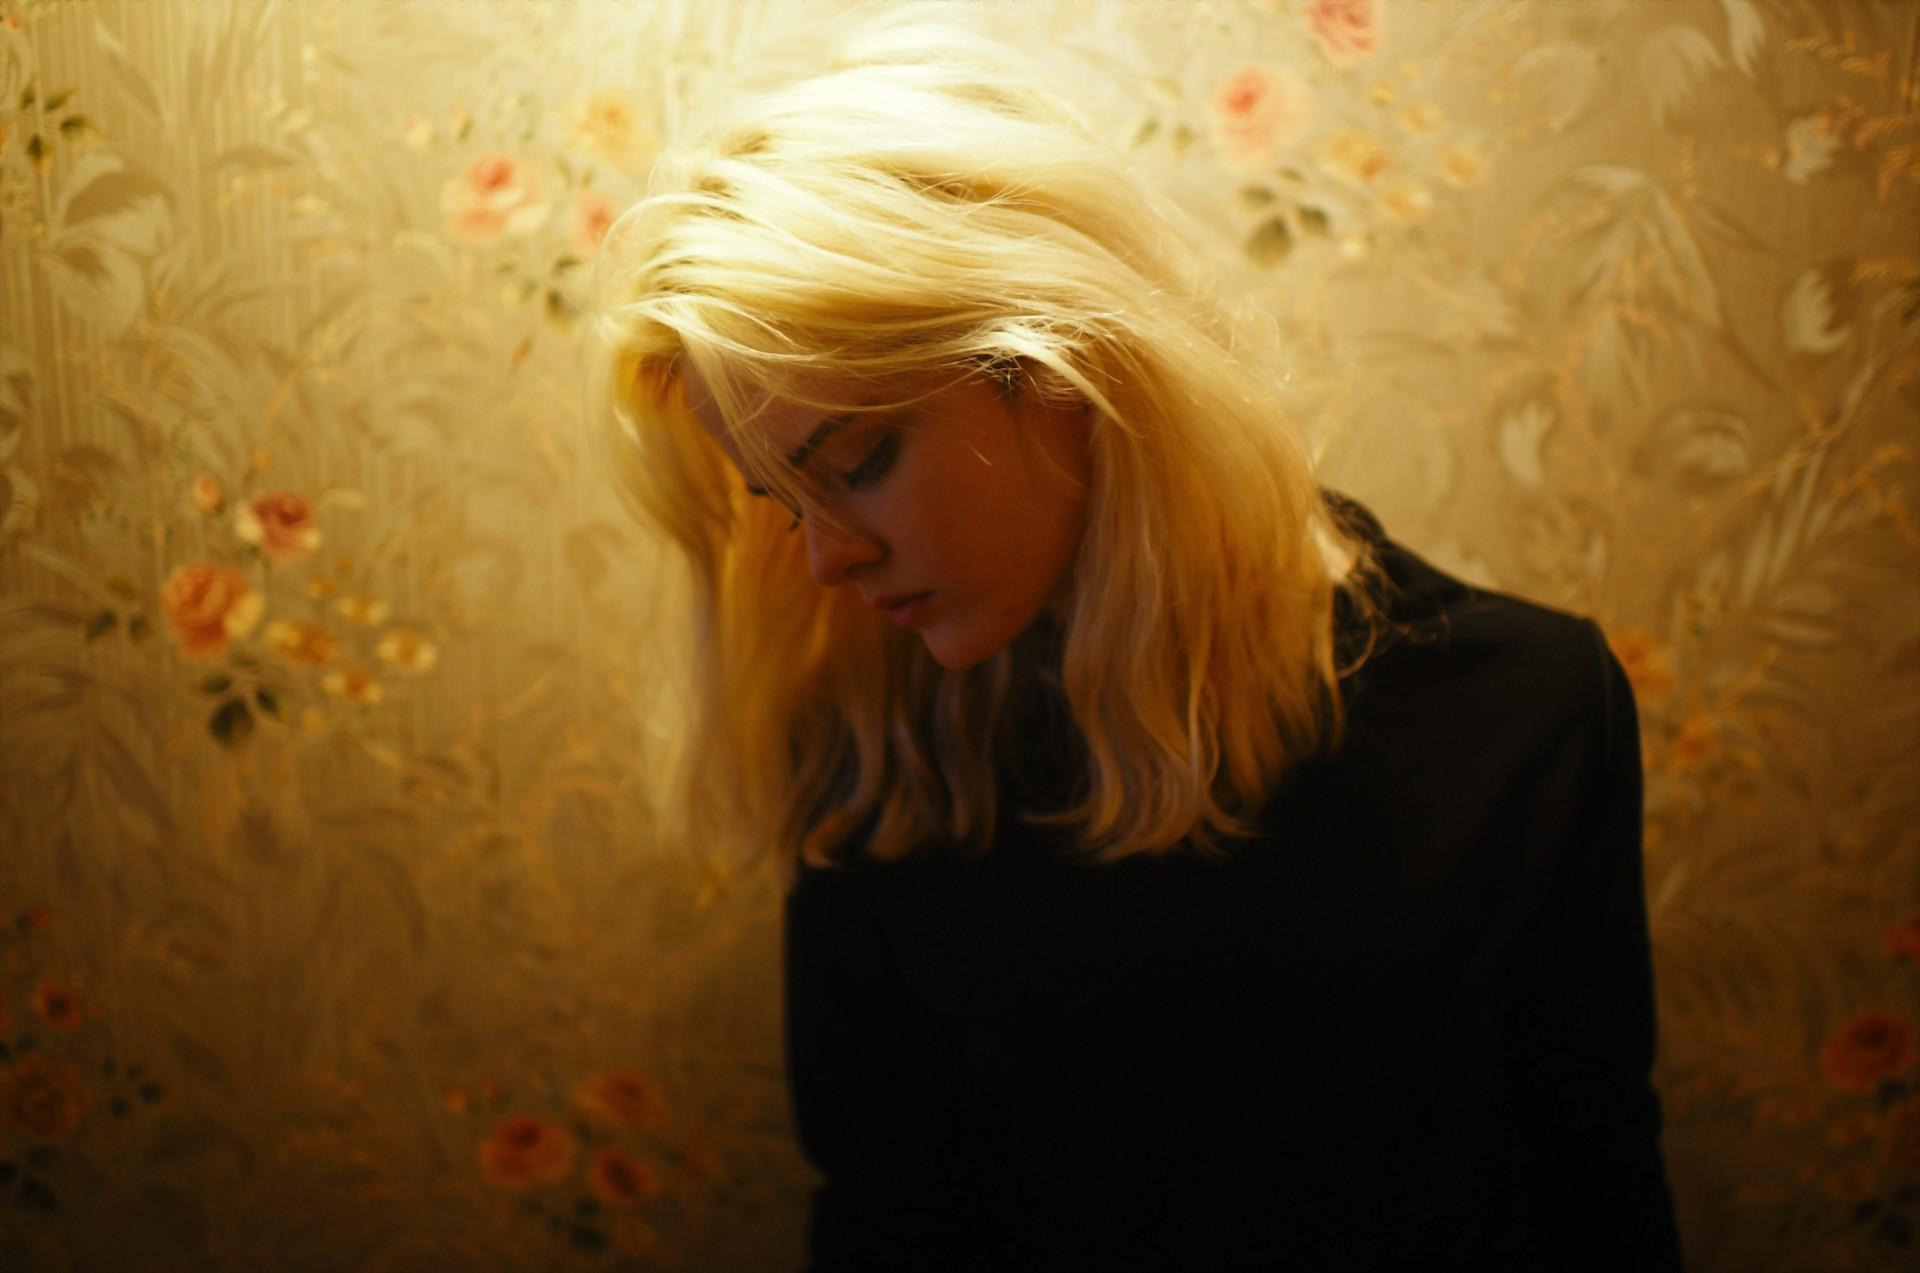 блондинка со свинячей головой фото можешь смотреть